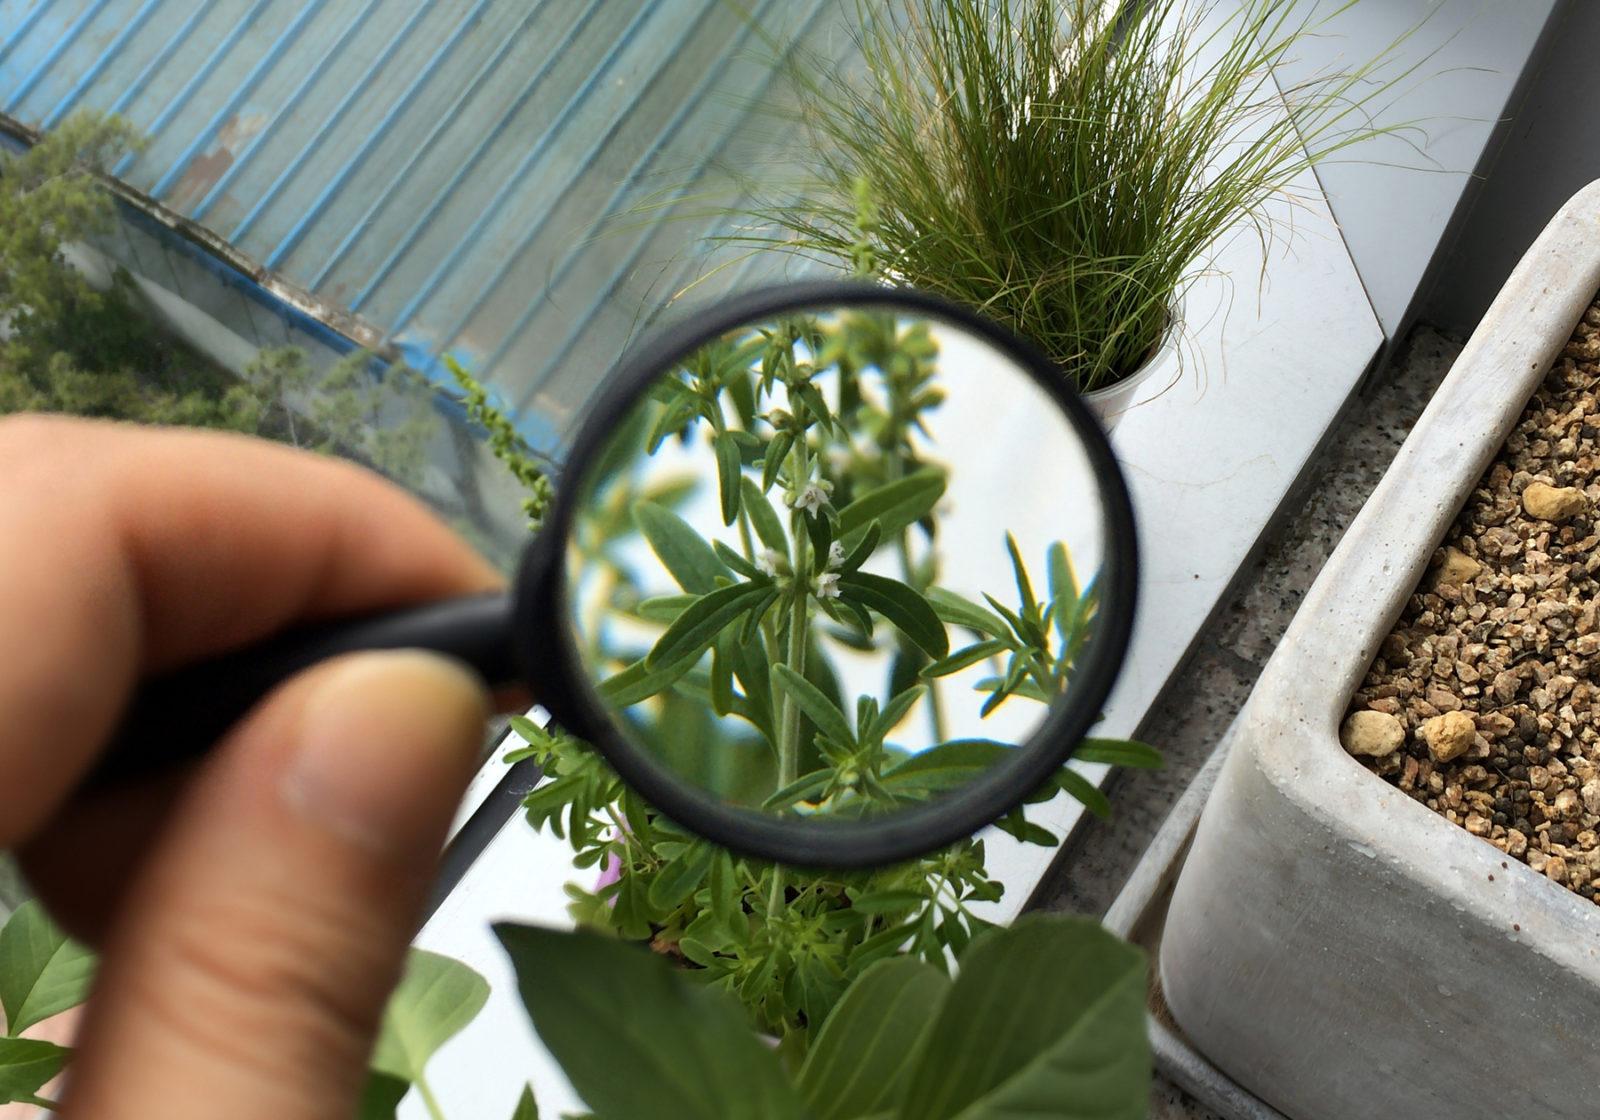 карантин растений в картинках этом обзоре решили